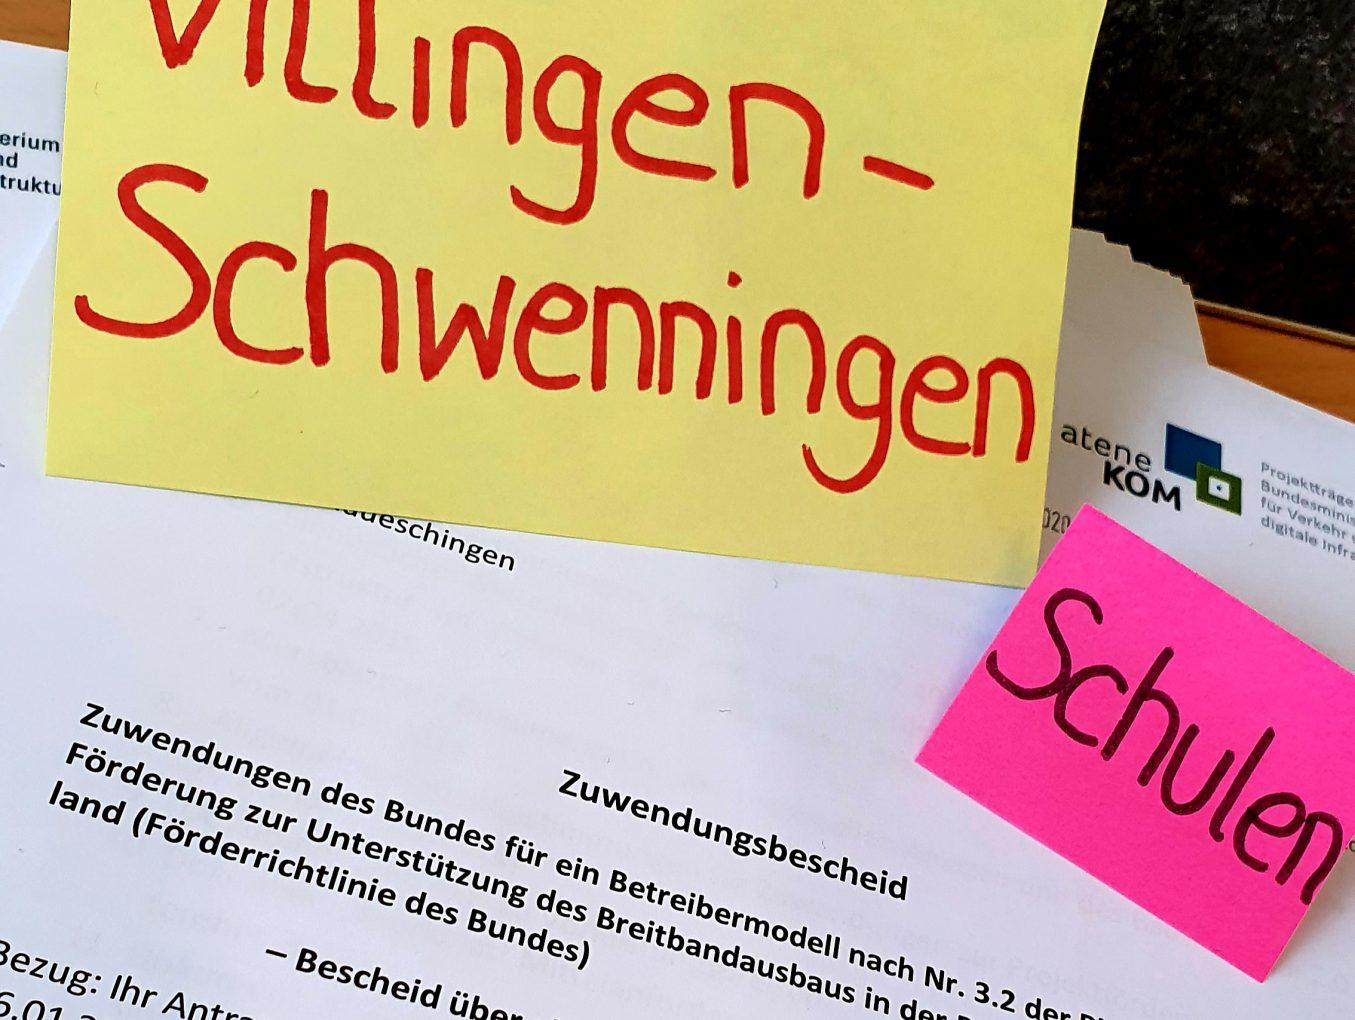 Vorläufiger Zuwendungsbescheid für die Schulen in Villingen-Schwenningen